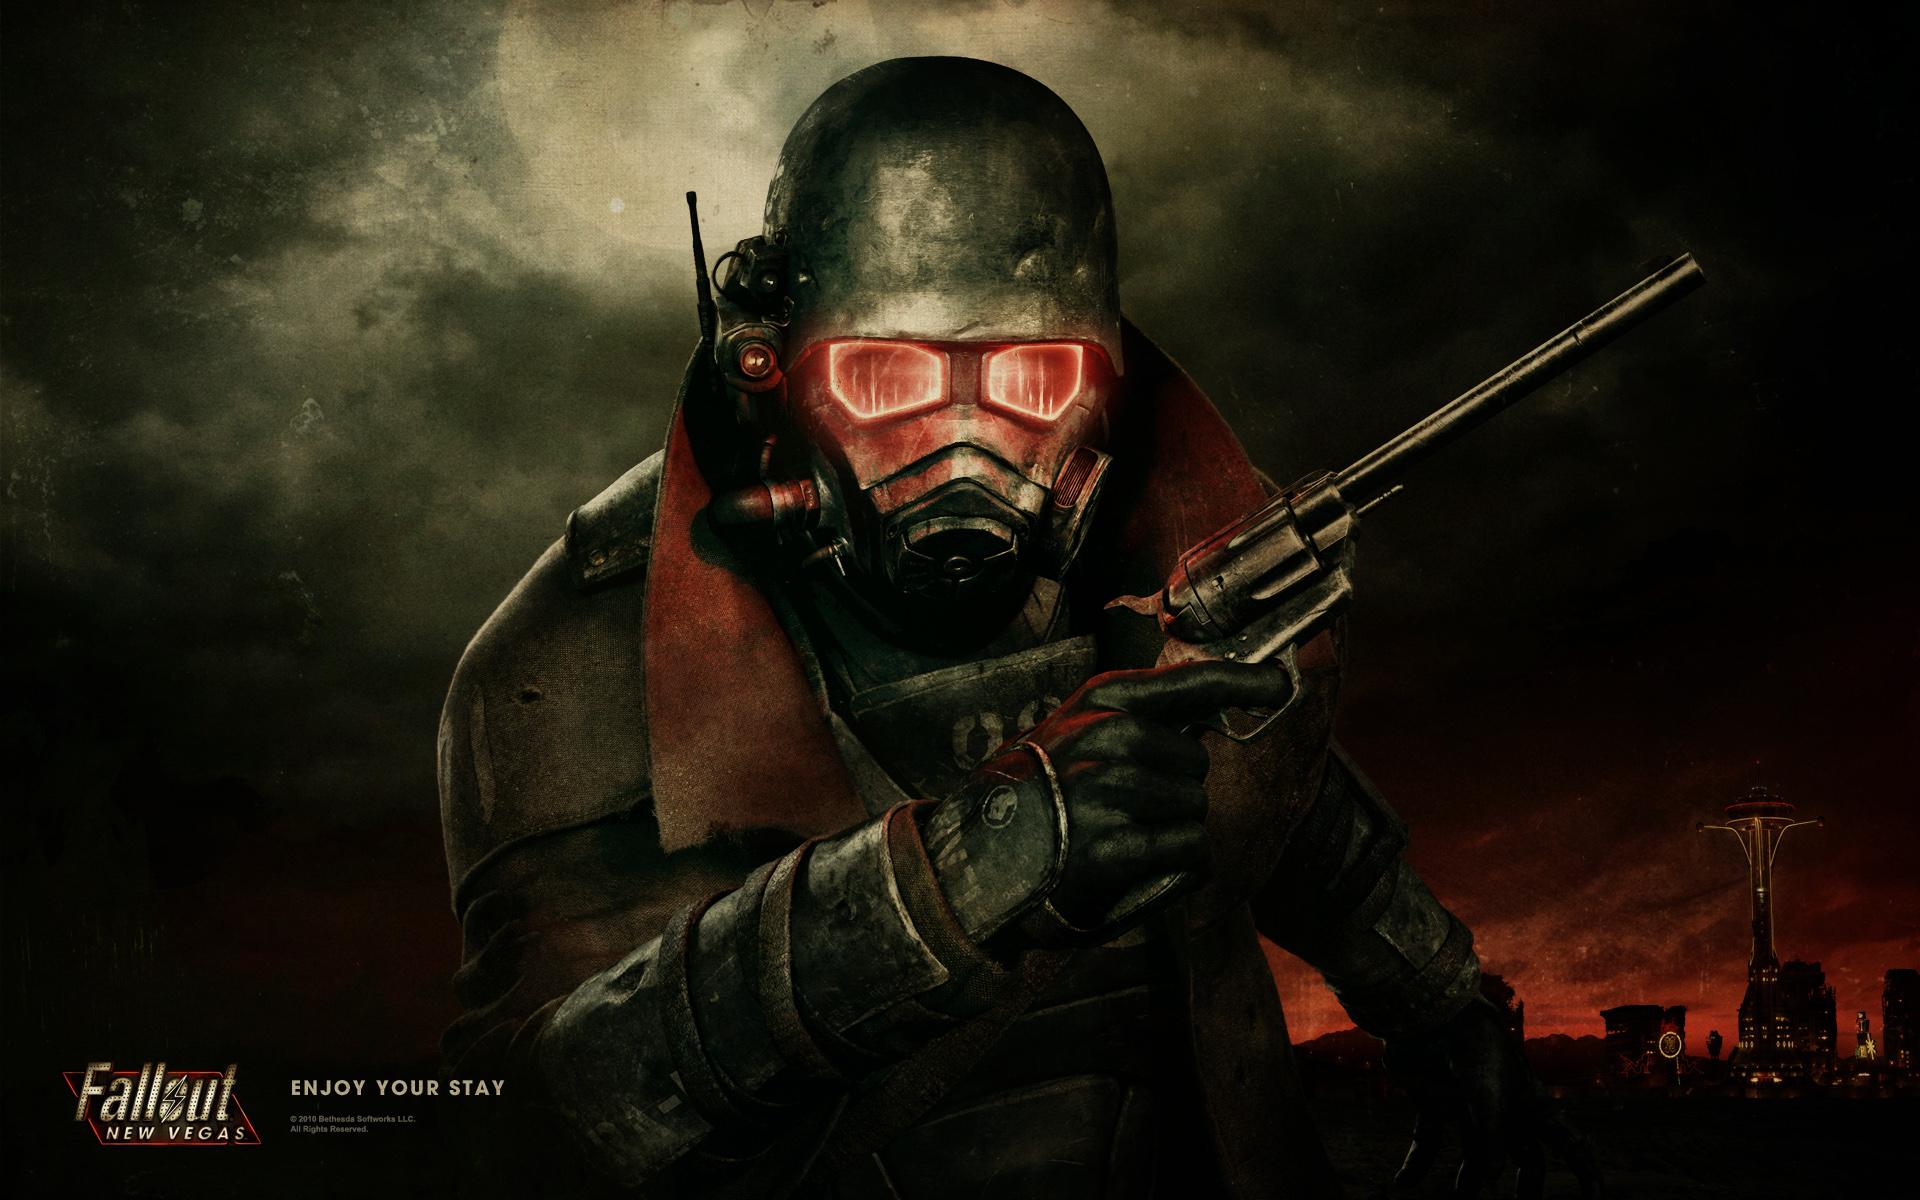 Play Fallout: New Vegas Through YouTube